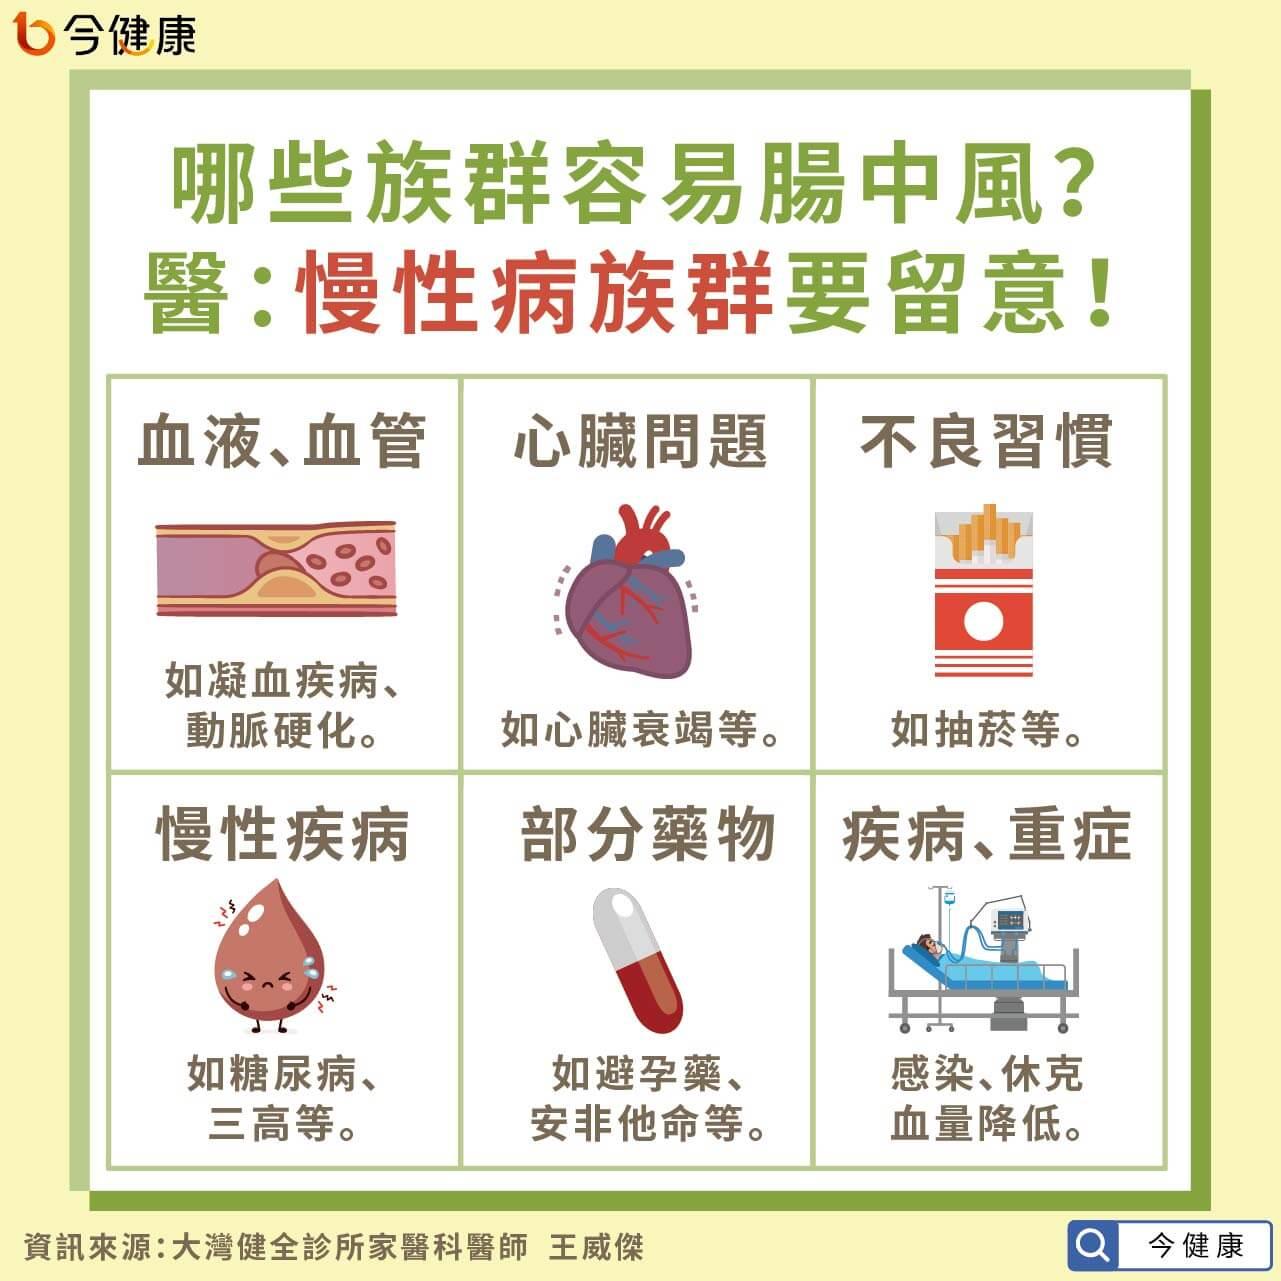 #腸中風 #中風 #腦中風 #腹痛 #腹脹 #王威傑